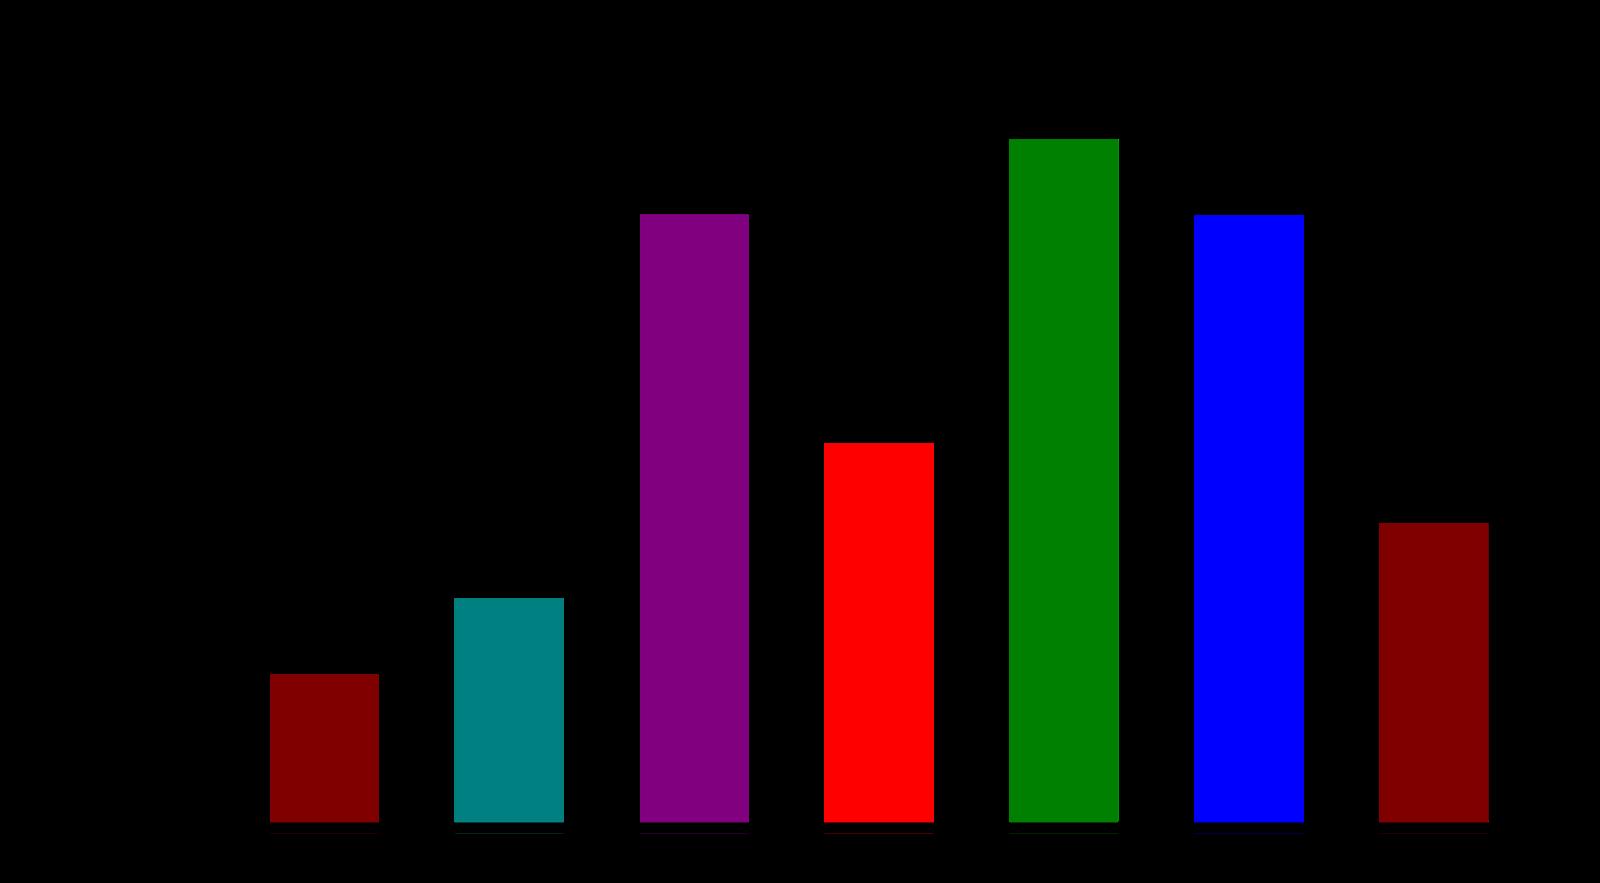 Diagram gambar yang tepat untuk menyajikan data tersebut adalah. Contoh Soal Pilihan Ganda Statistika Beserta Jawabannya